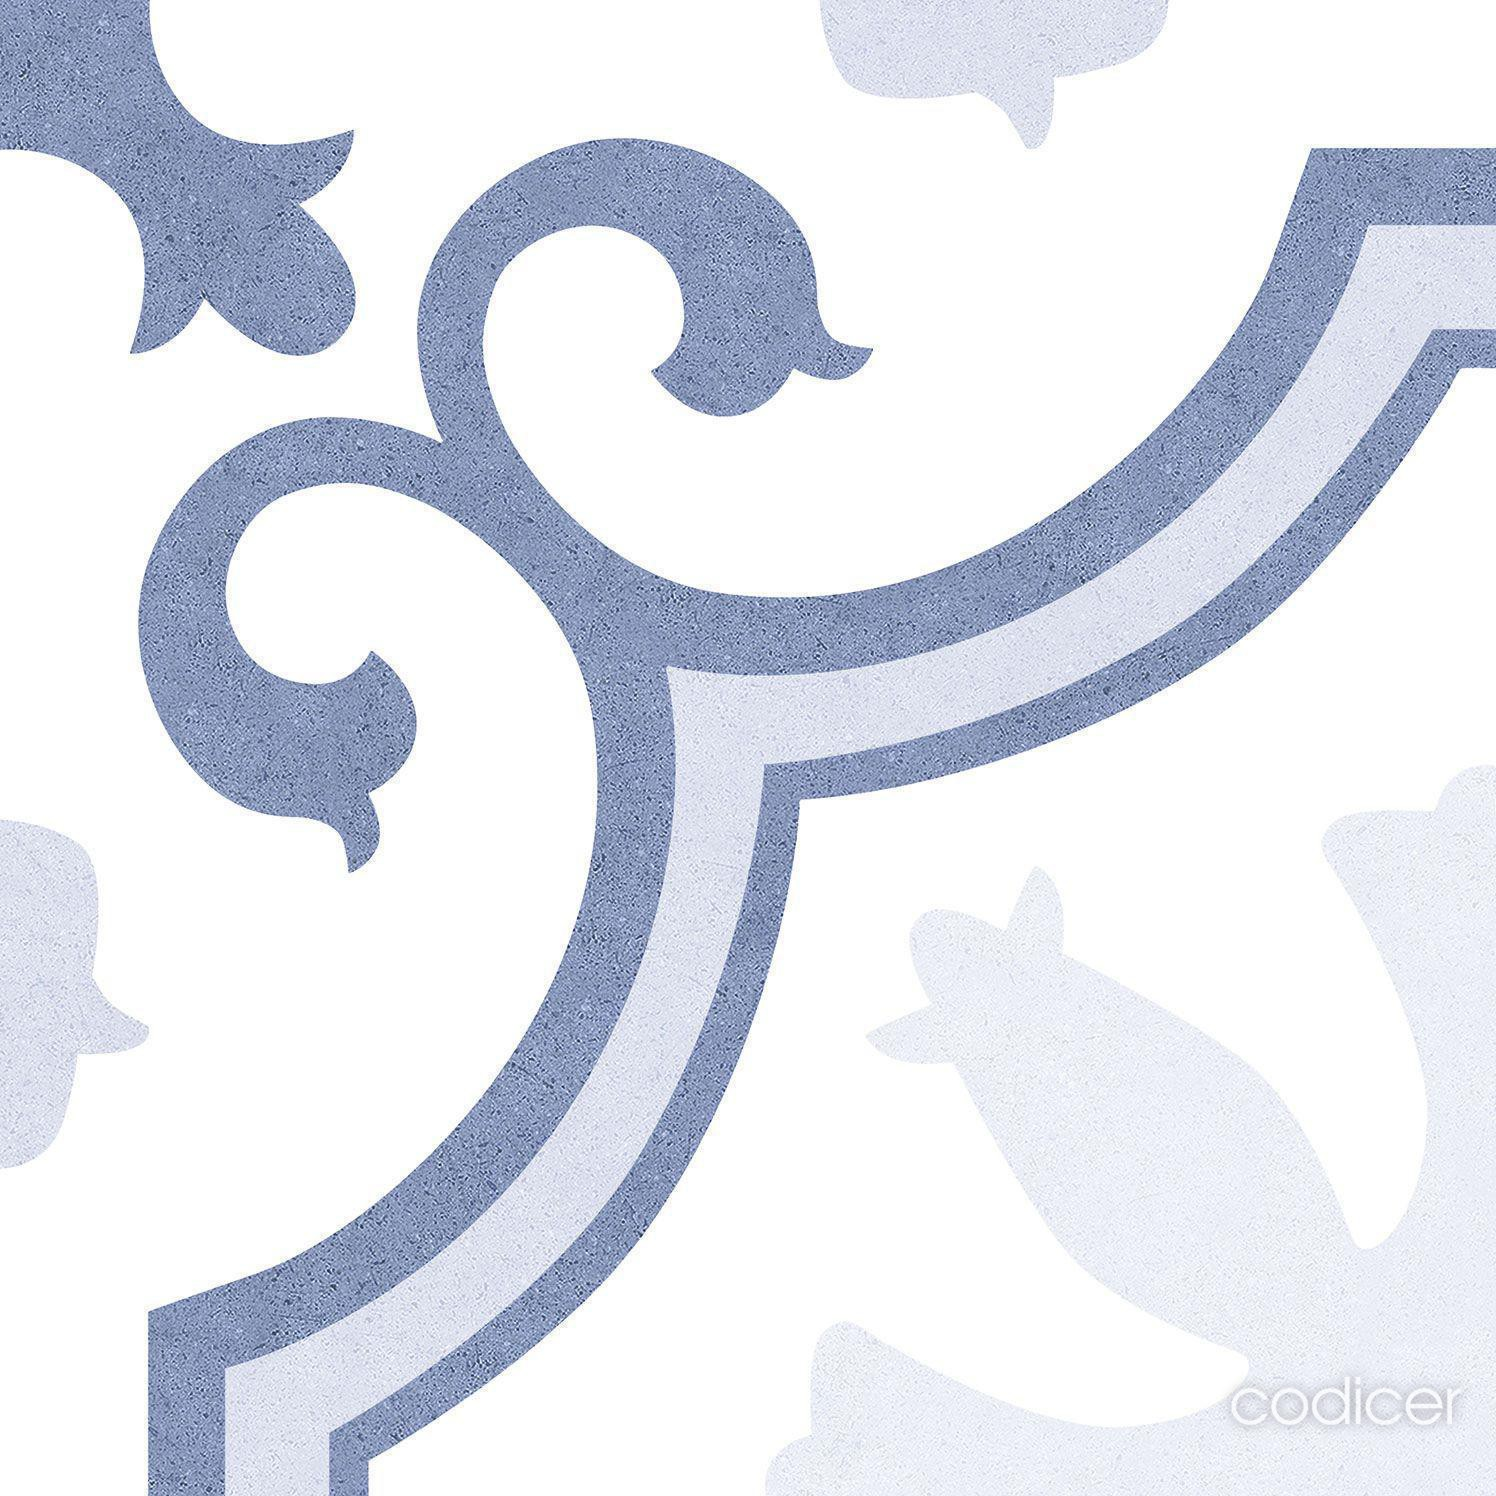 6.0011.21  Codicer Retrofliese /Feinsteinzeug LACOUR ARTIC